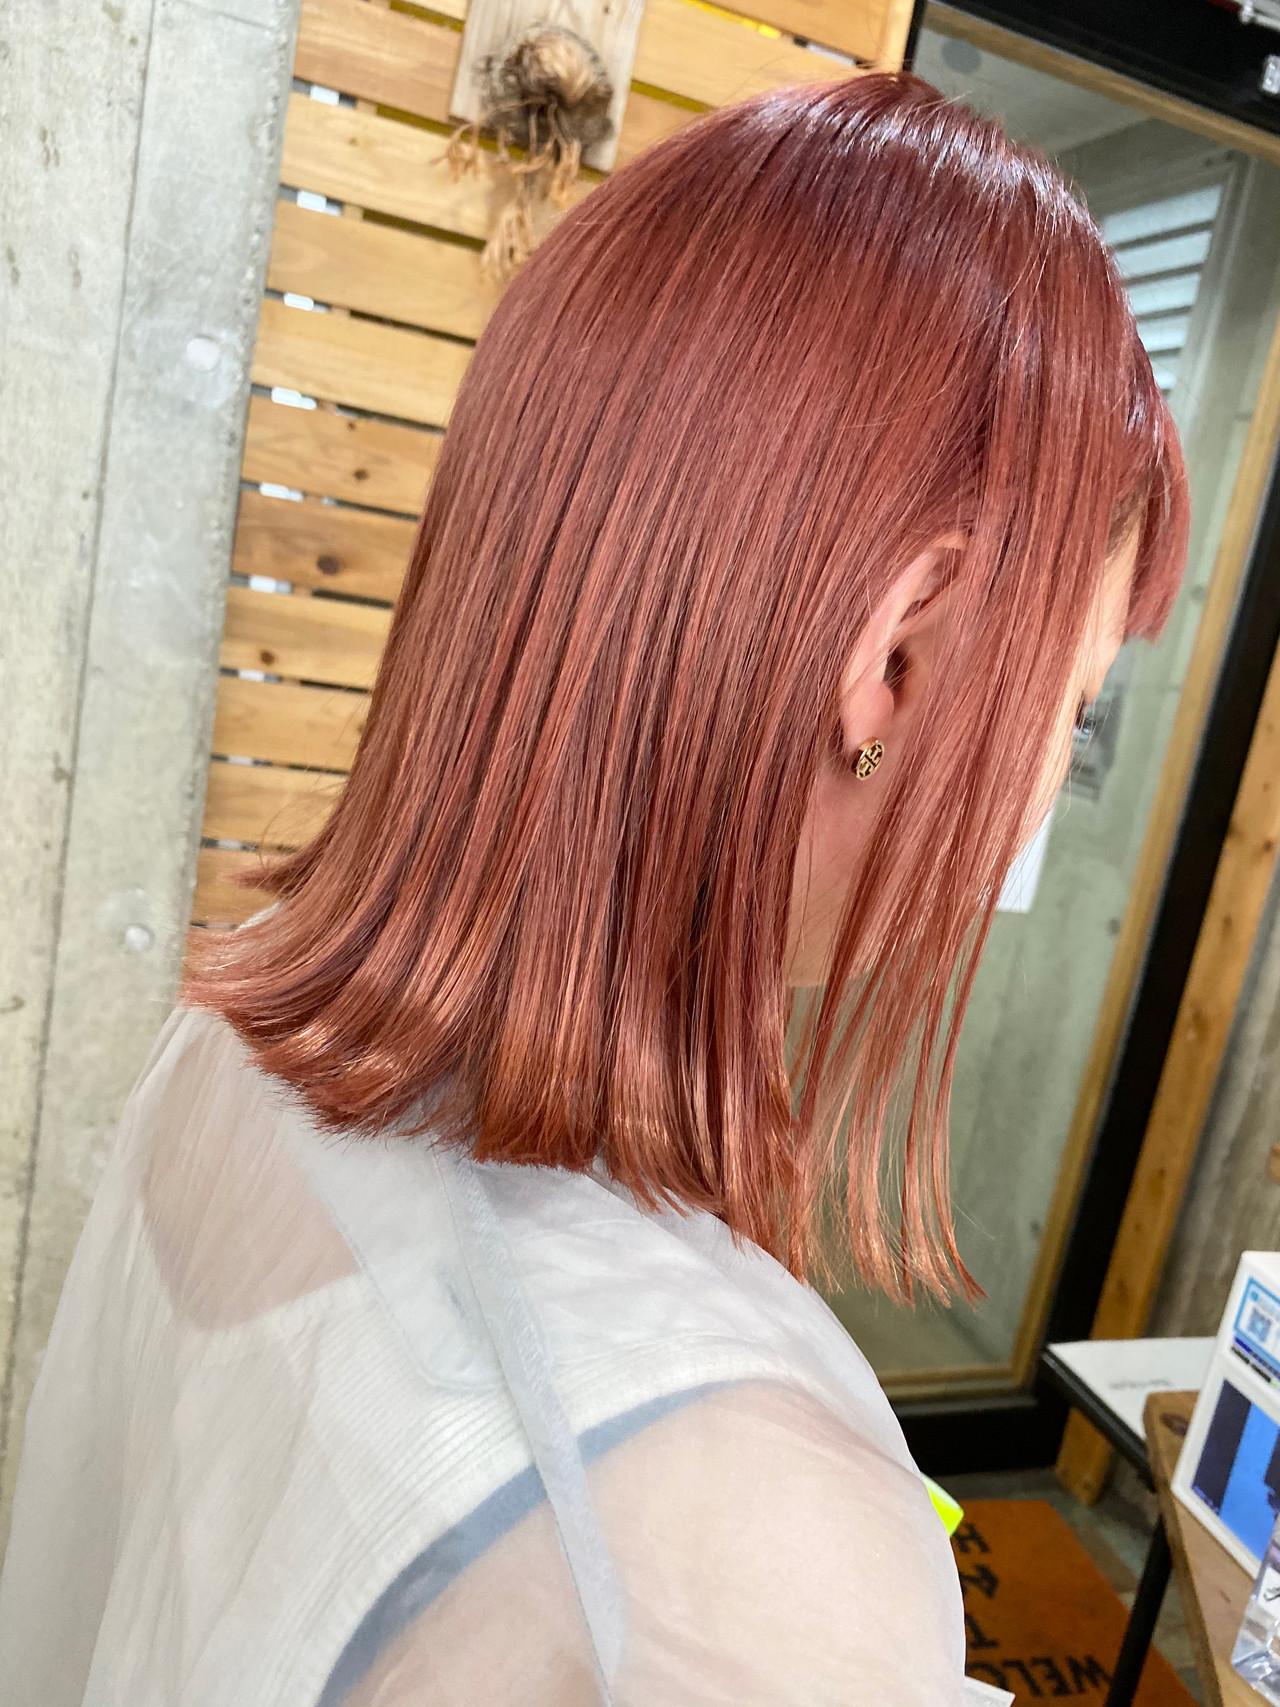 ピンク ピンクカラー ミディアム ペールピンク ヘアスタイルや髪型の写真・画像